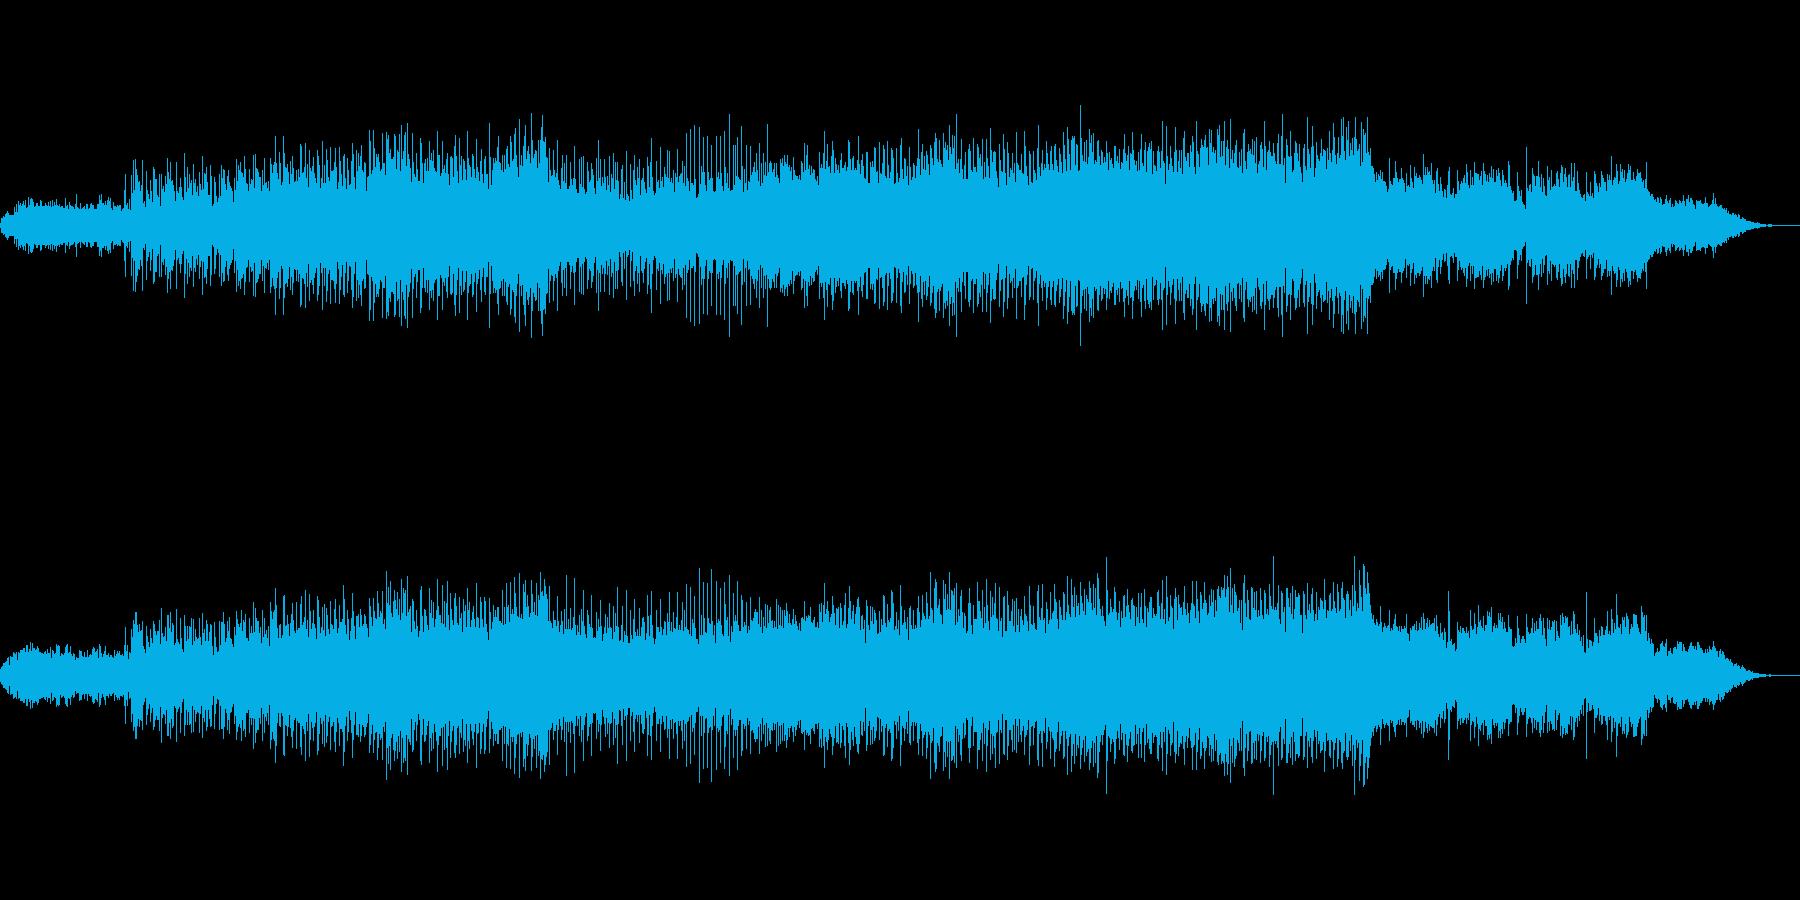 ❤️壮大で力強いオーケストラ風EDMの再生済みの波形